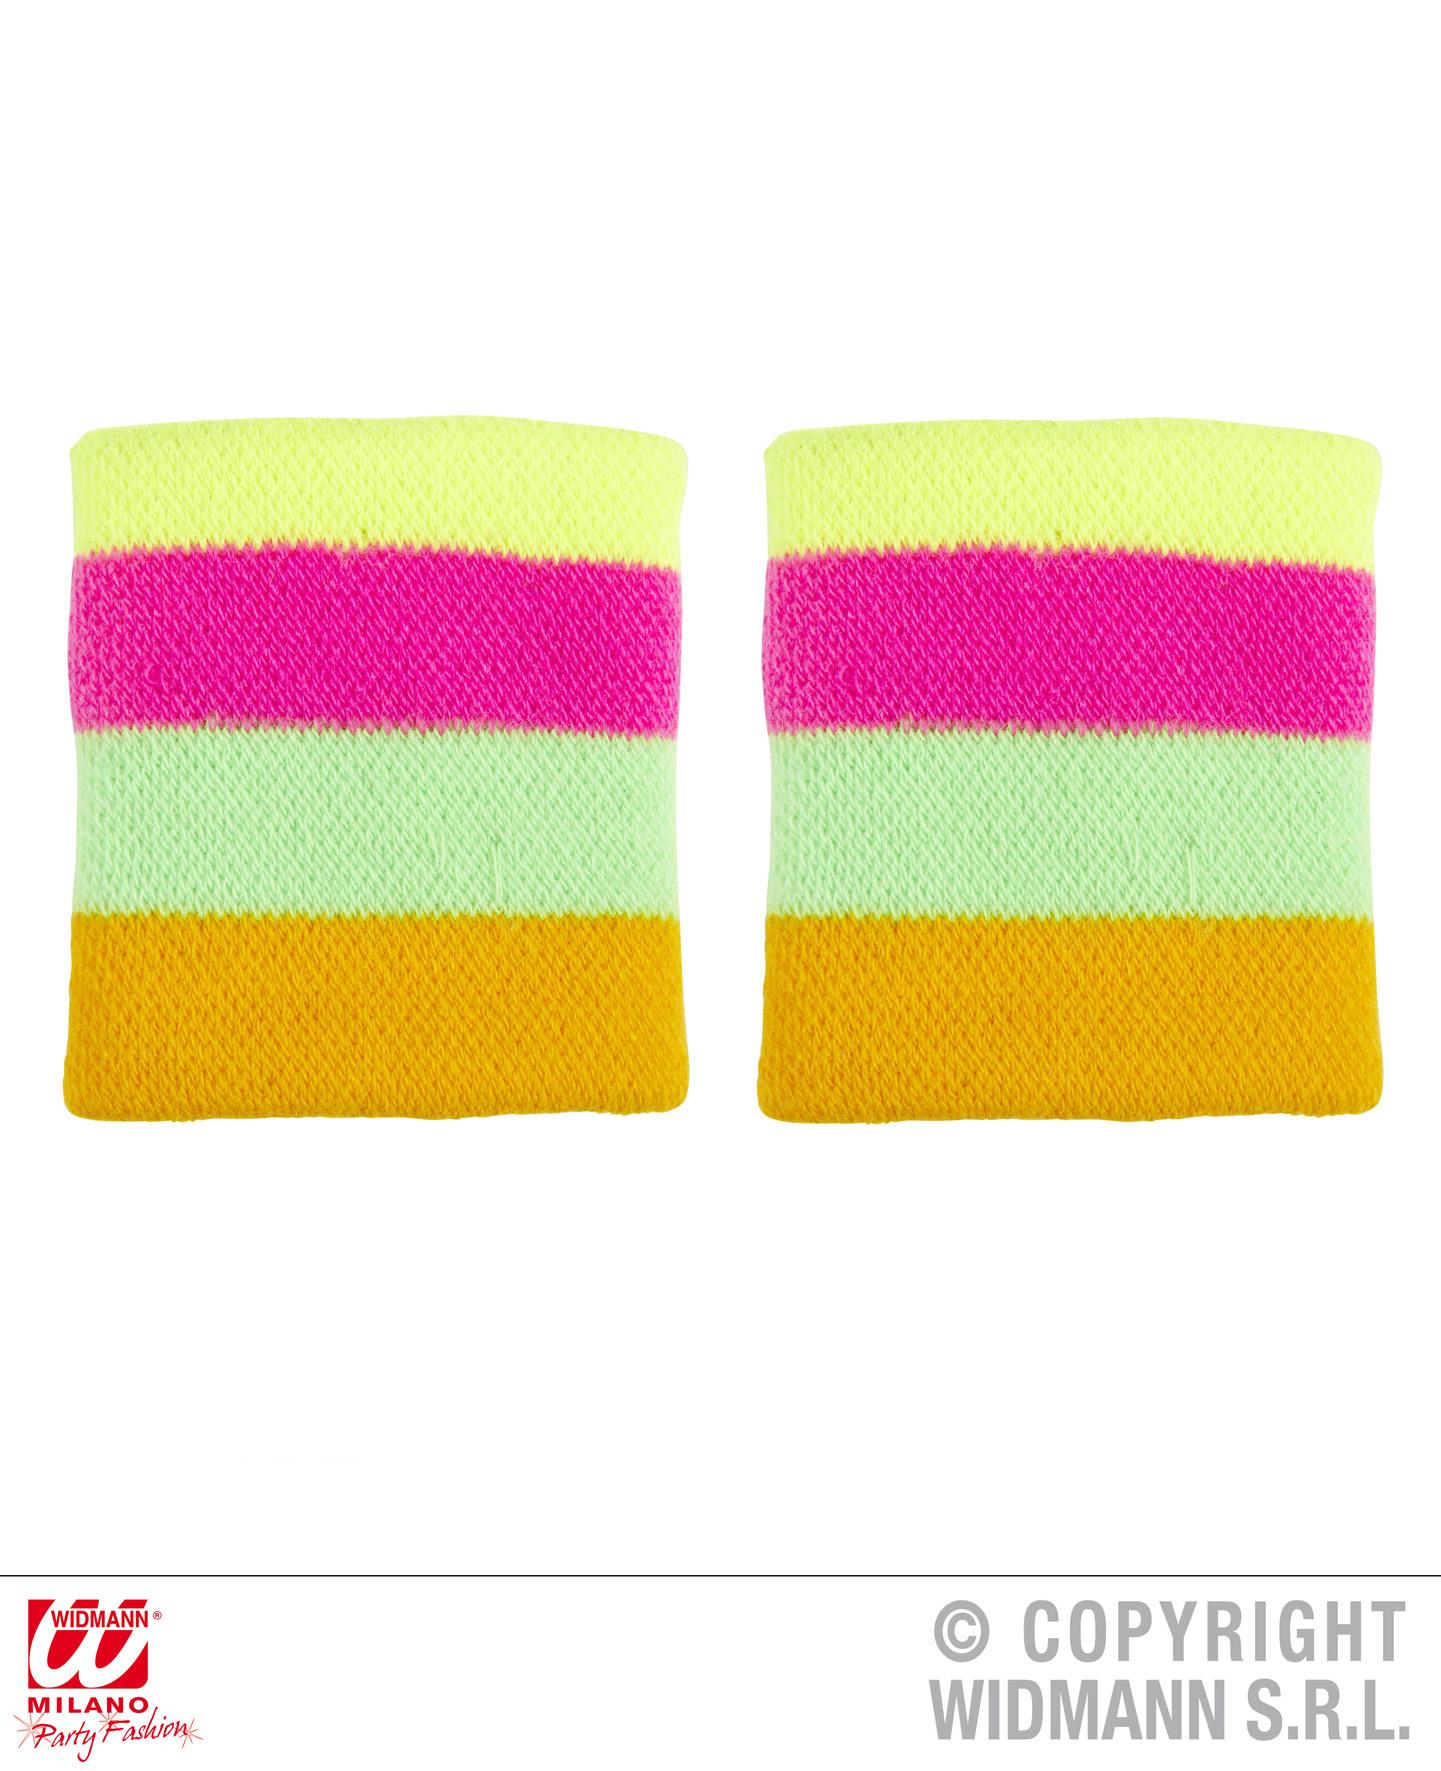 80er jahre schwei b nder stirnband gr n pink gelb. Black Bedroom Furniture Sets. Home Design Ideas